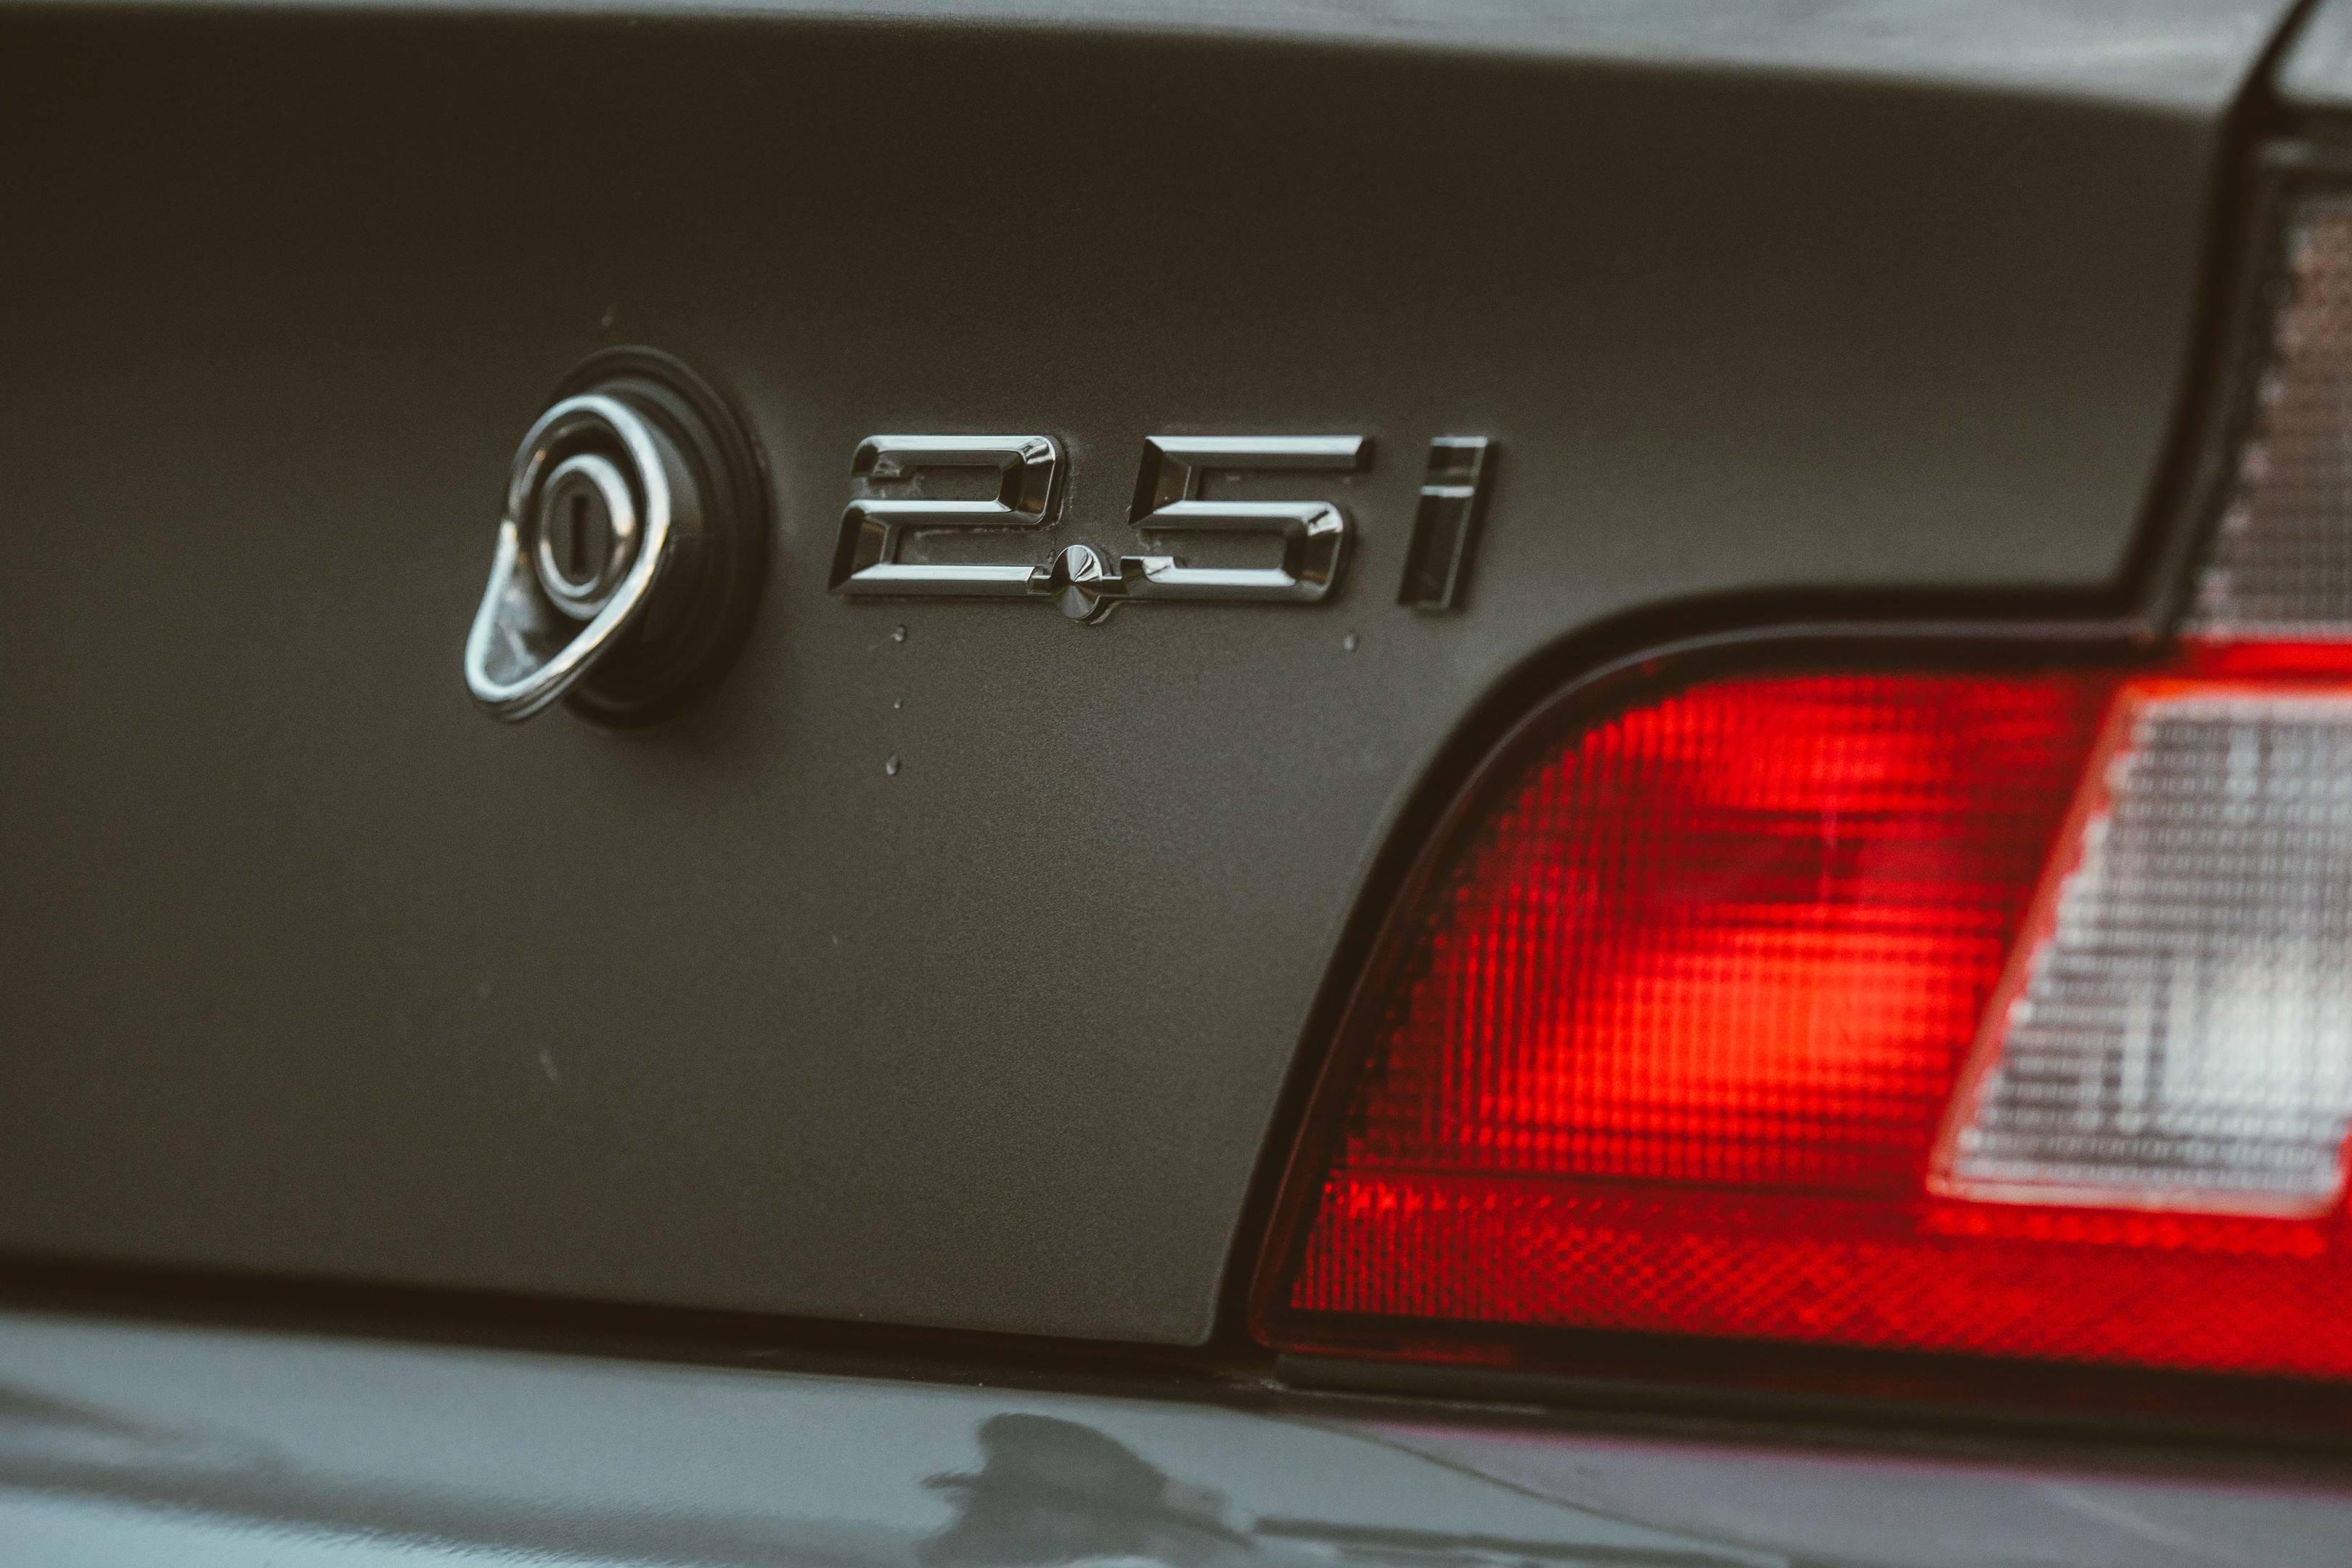 BMW Z3 2.5i badge detail